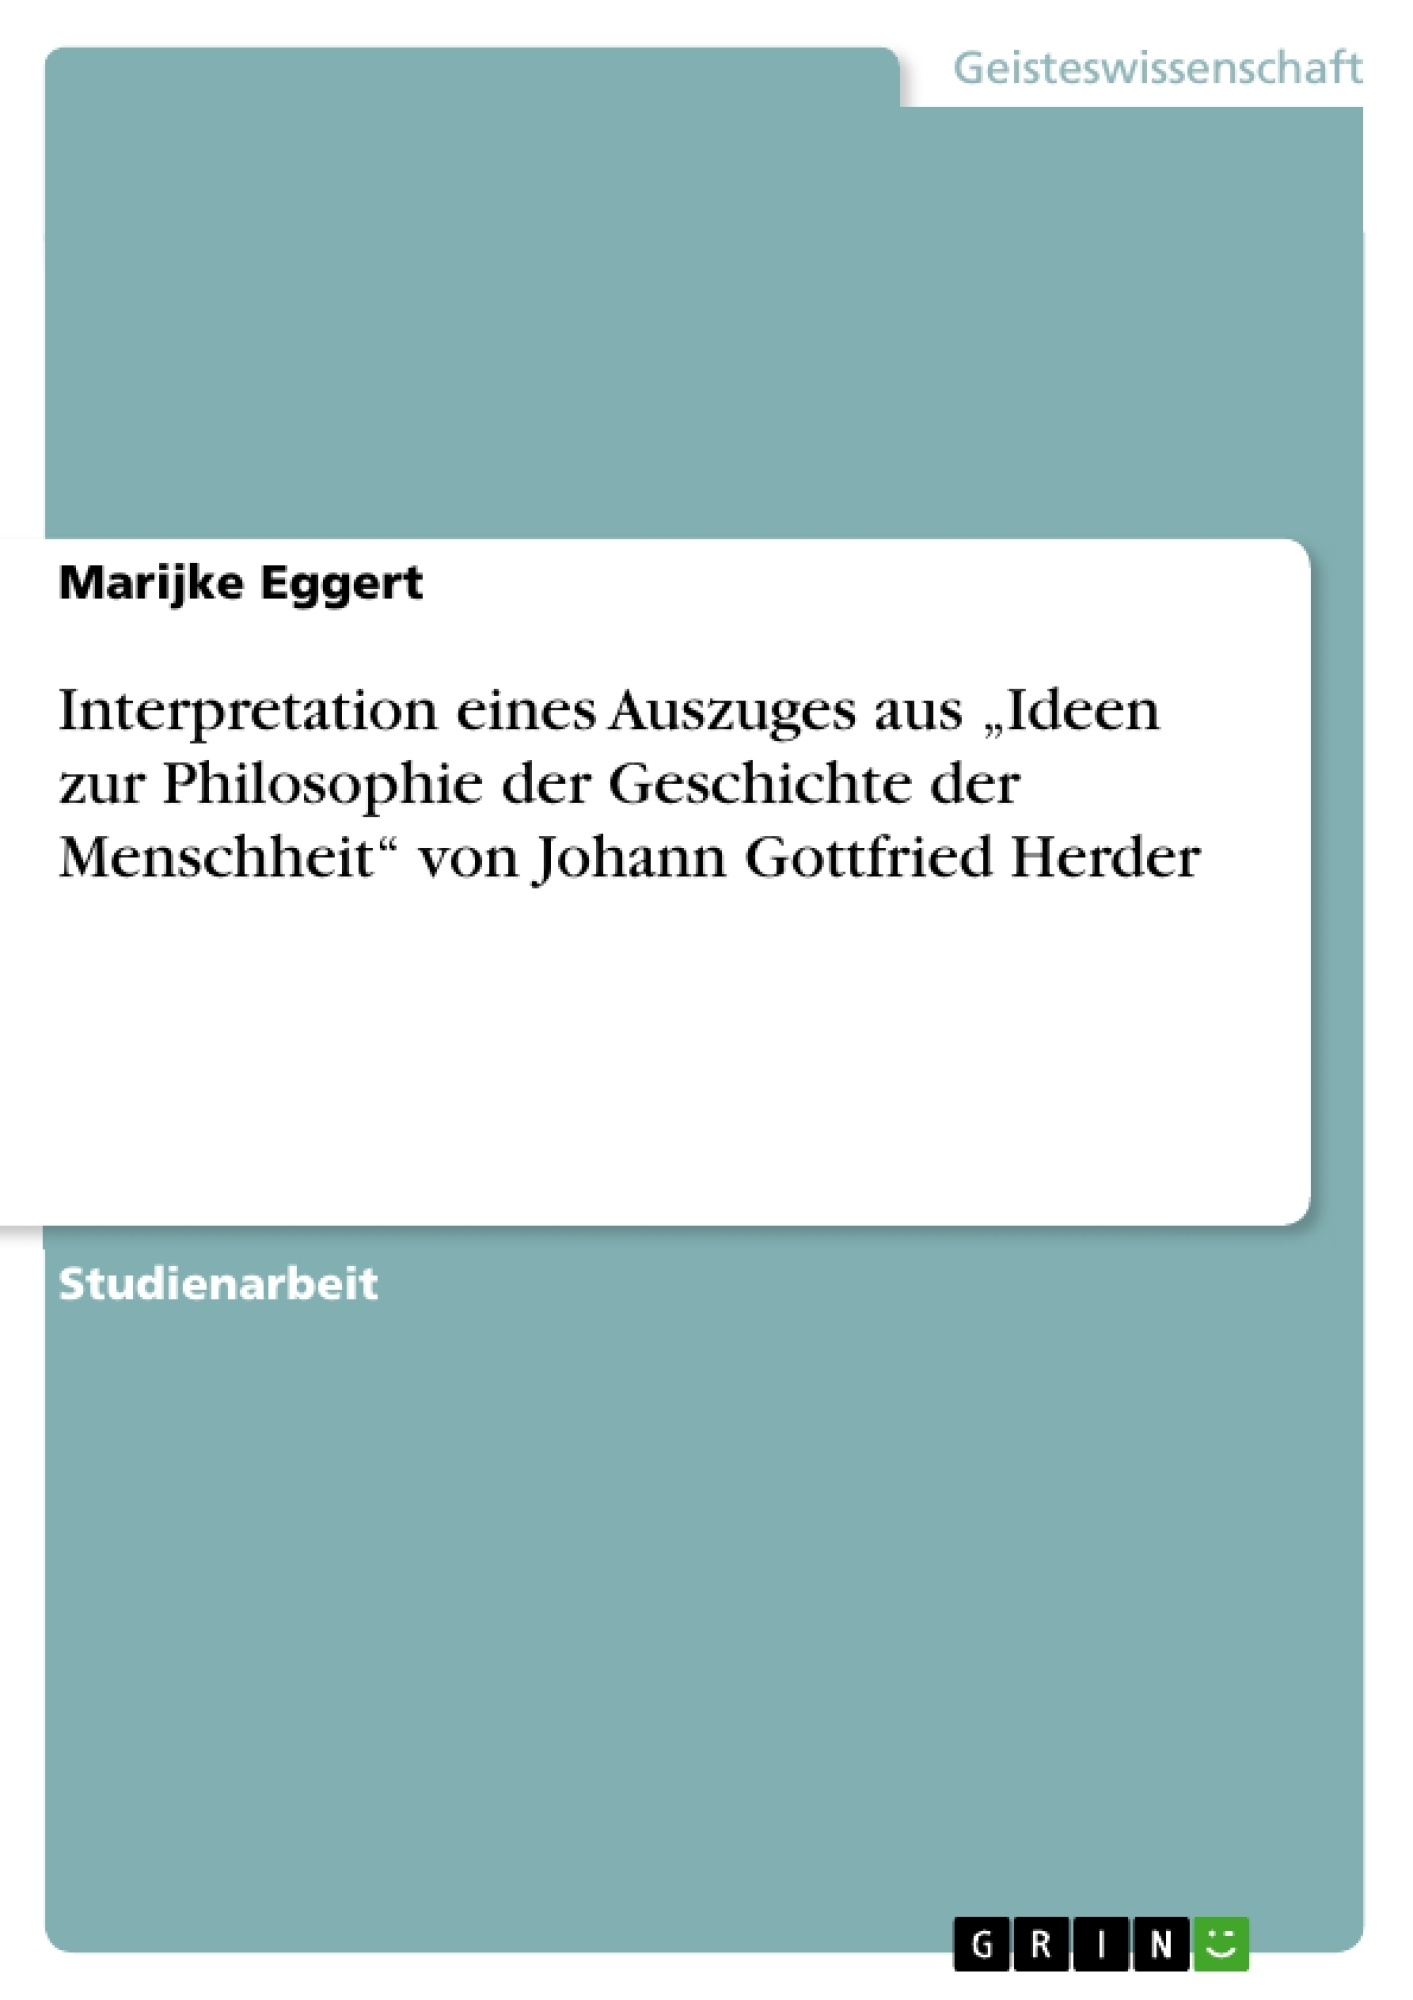 """Titel: Interpretation eines Auszuges aus  """"Ideen zur Philosophie der Geschichte der Menschheit""""  von Johann Gottfried Herder"""